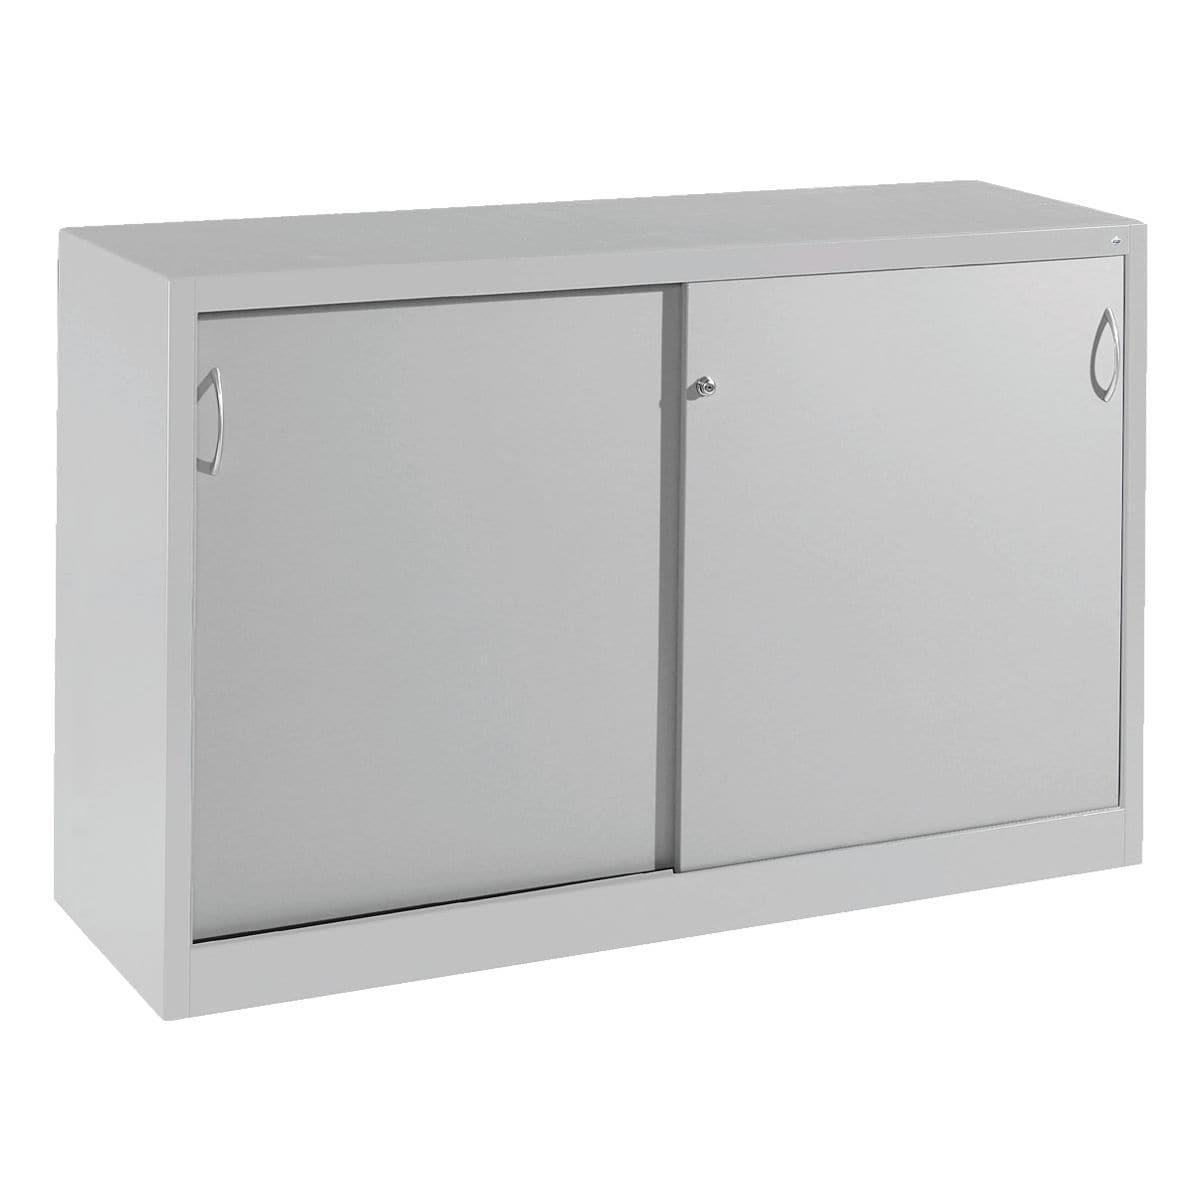 cp stahlschrank abschlie bar 160 x 100 cm schiebet r bei otto office g nstig kaufen. Black Bedroom Furniture Sets. Home Design Ideas